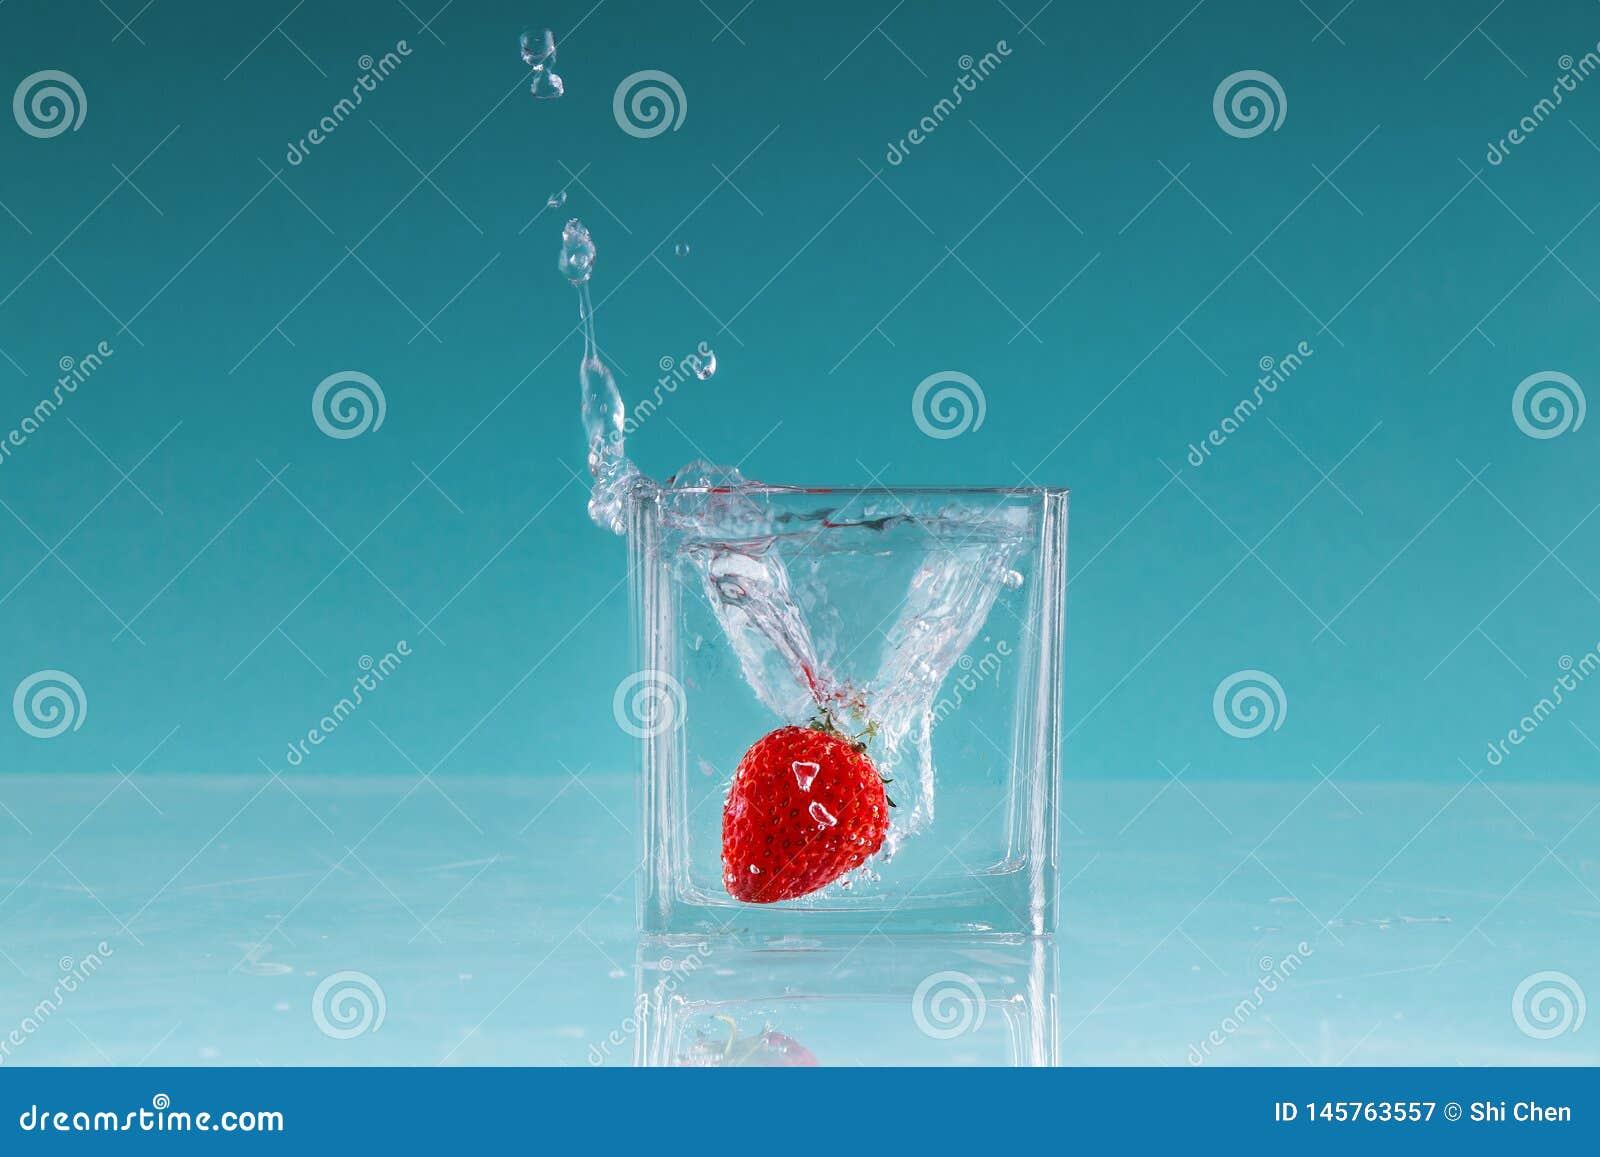 Photographie de grande vitesse de fruit de fraise